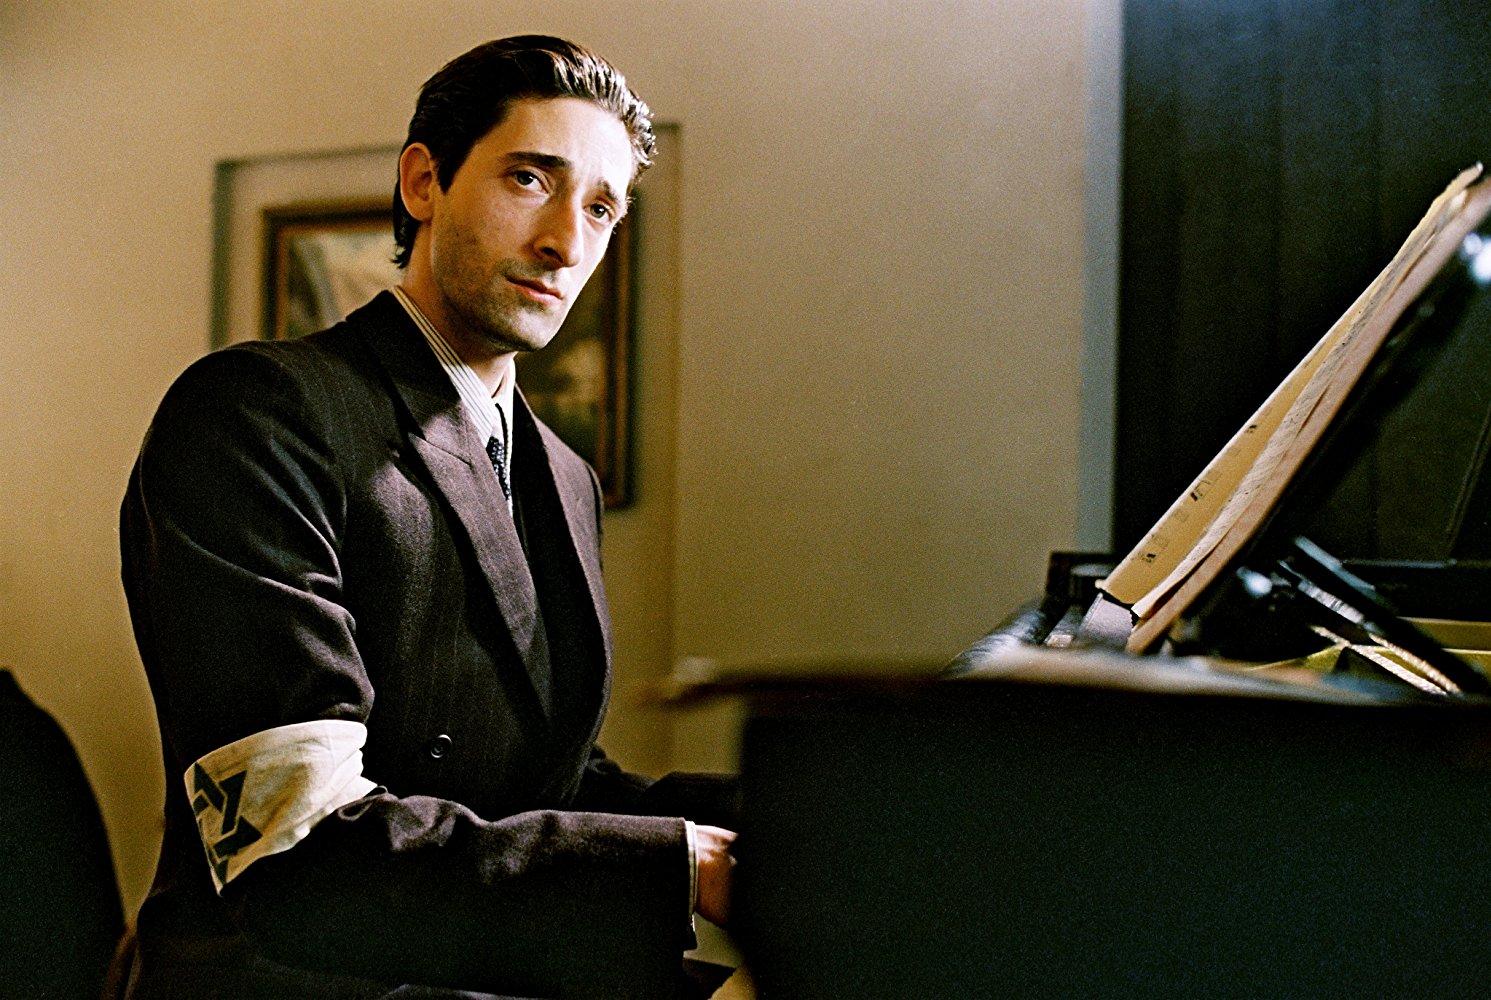 pianista3.jpg